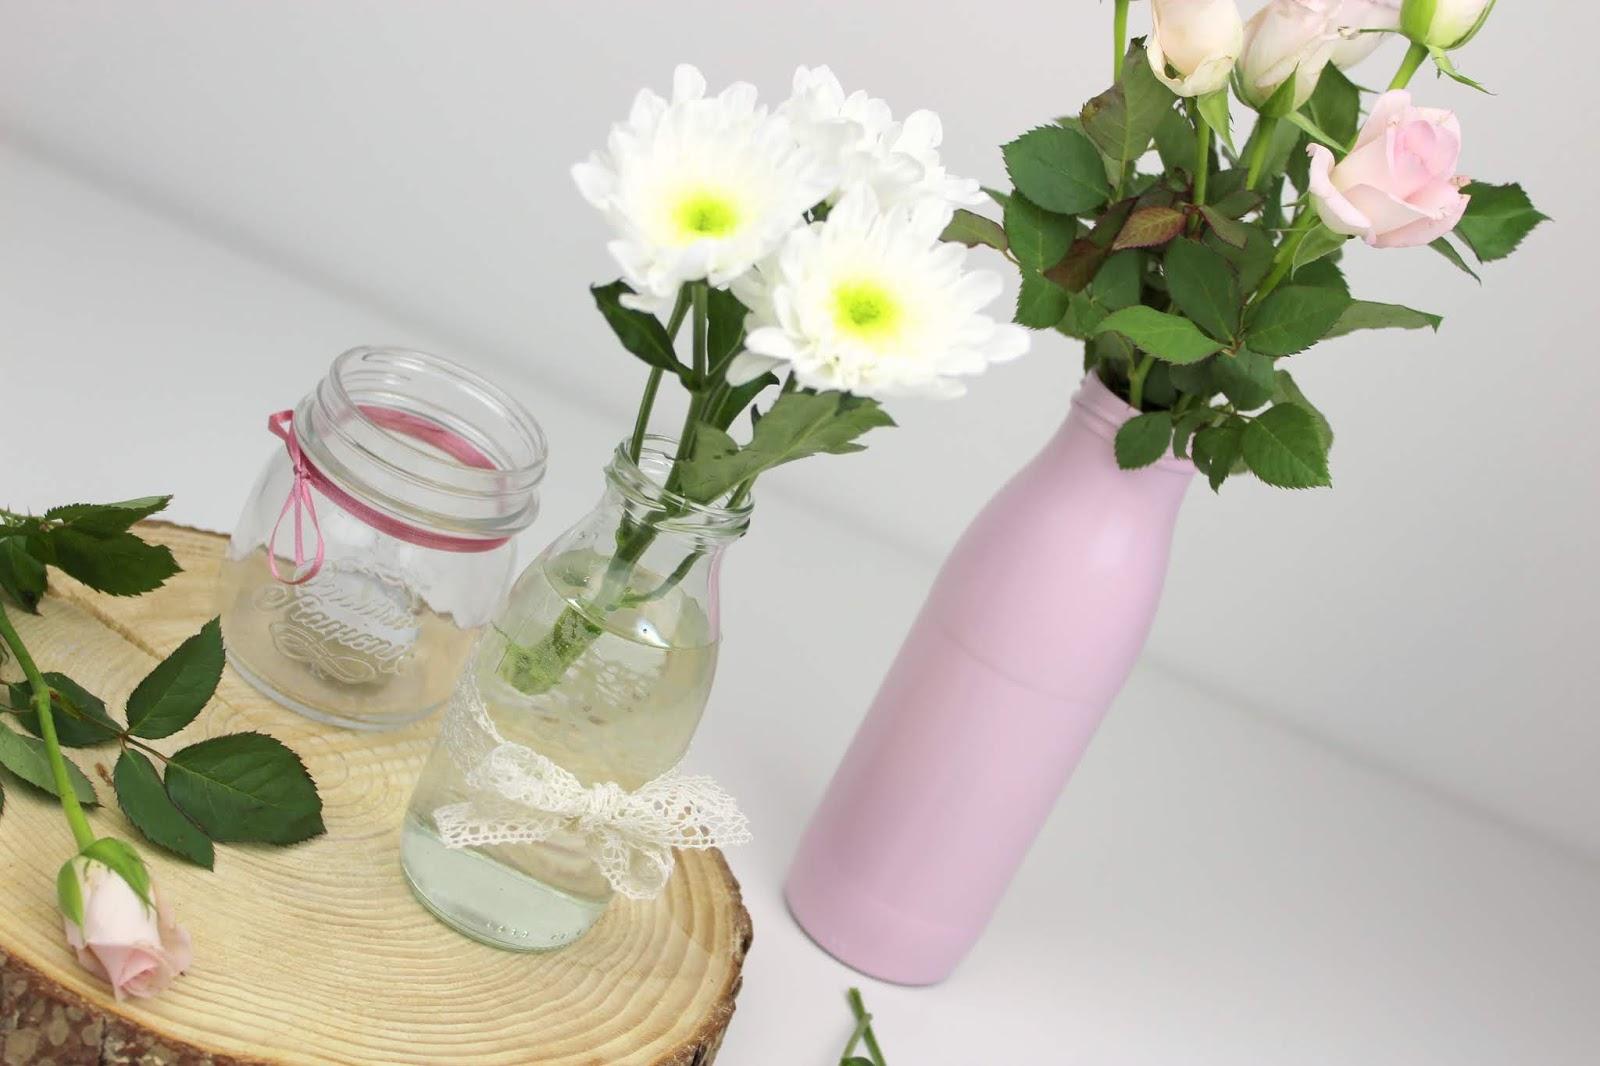 DIY selbstgemachte, günstige Tischdeko aus Milchflaschen - geniale Recycling Bastelidee